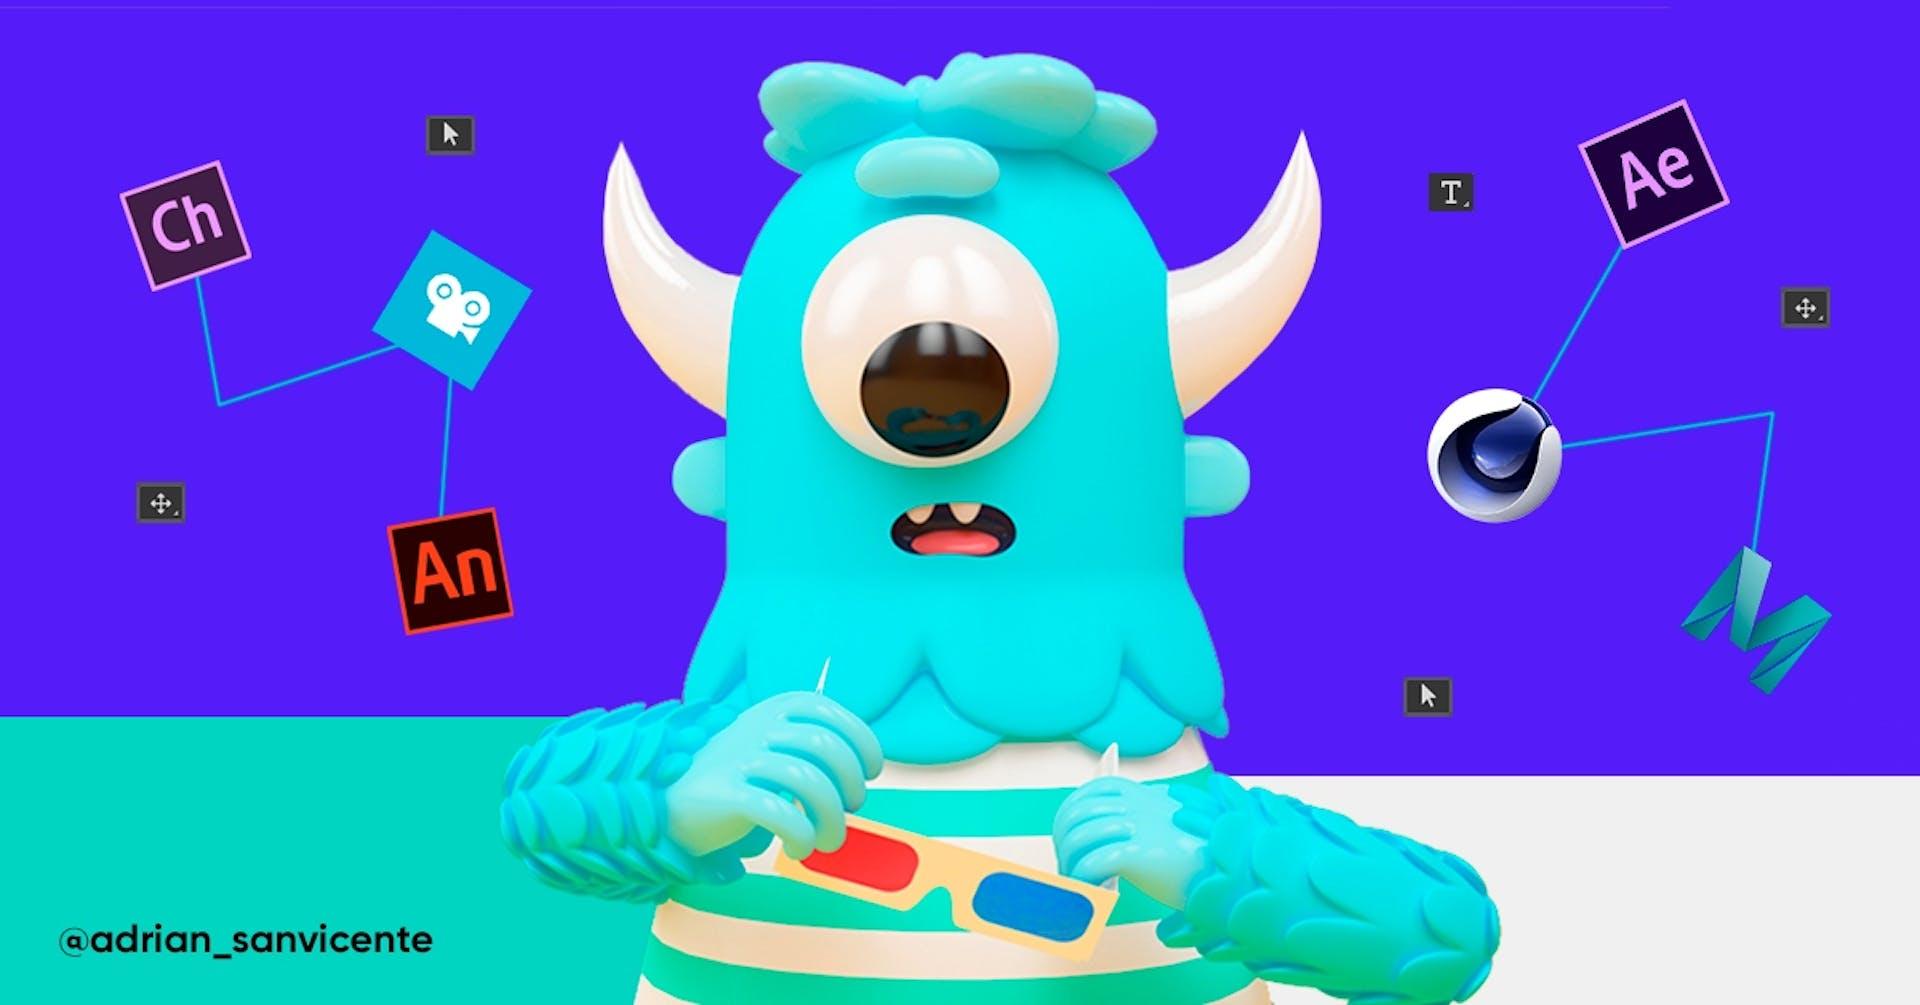 Melhores softwares para animação 2D e 3D: transforme suas ideias em realidade